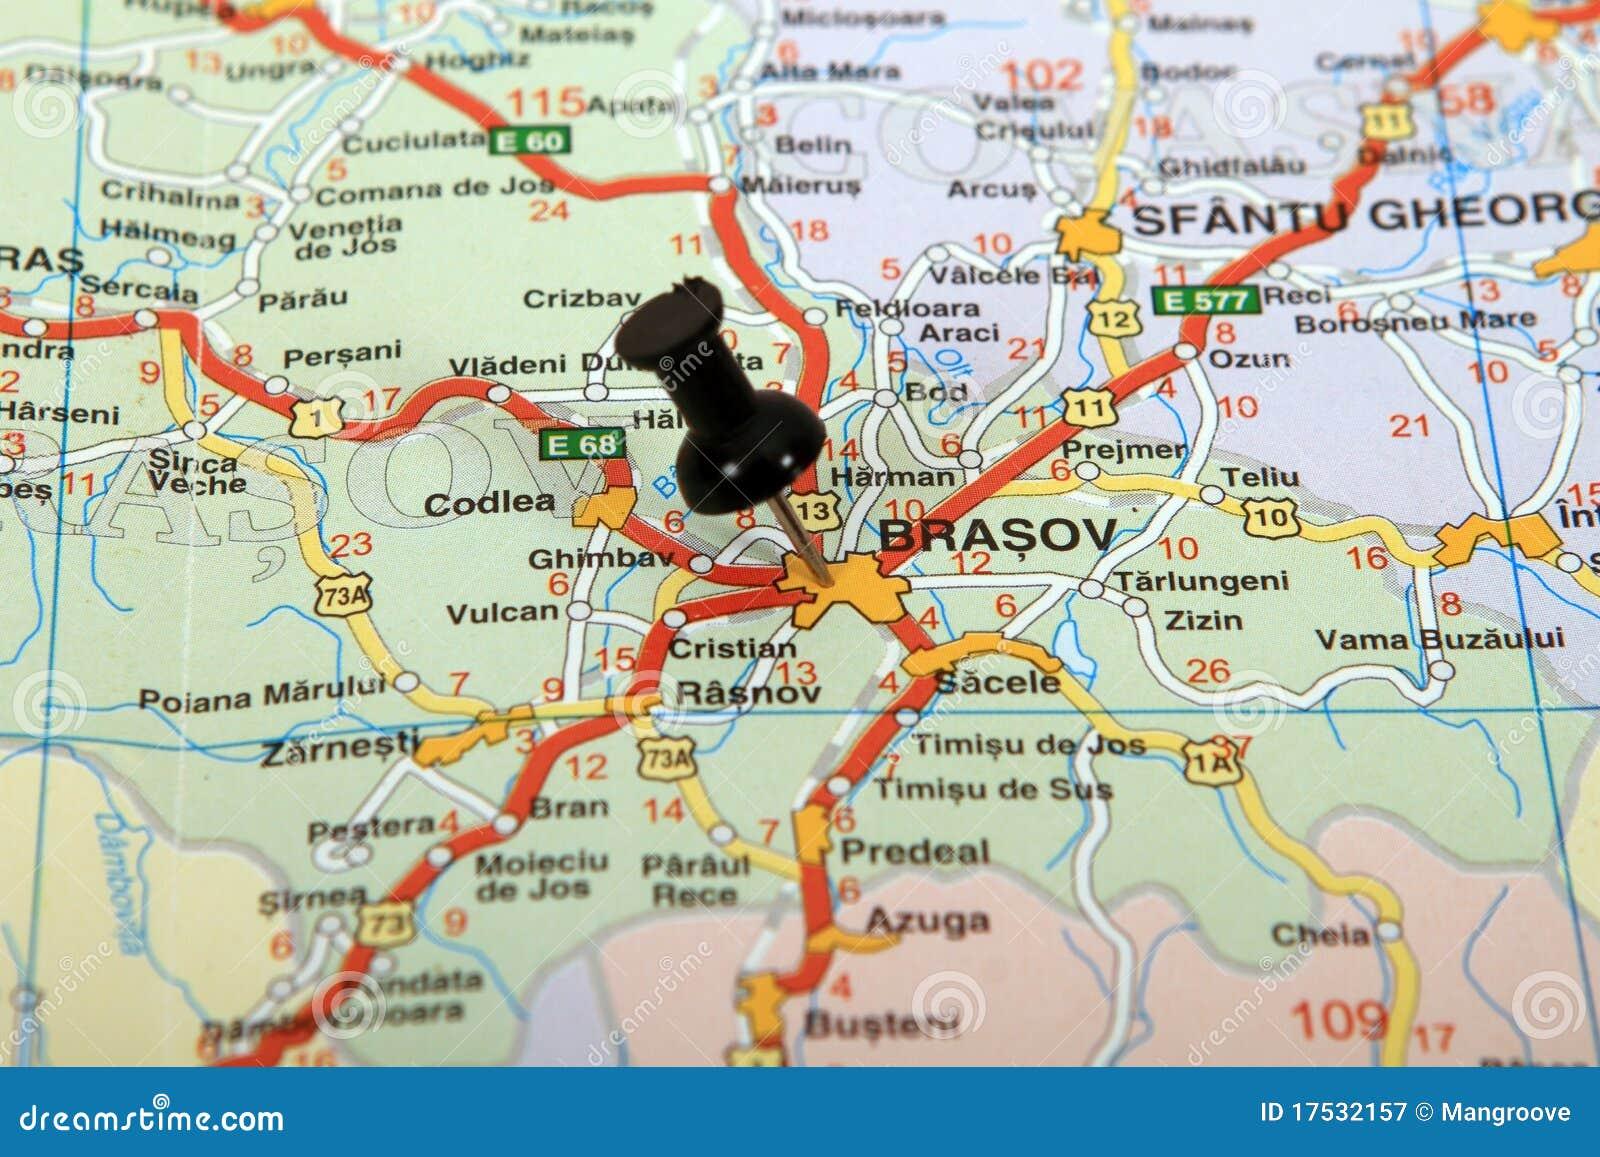 La Roumanie : Carte De Brasov Photographie stock libre de droits - Image: 17532157